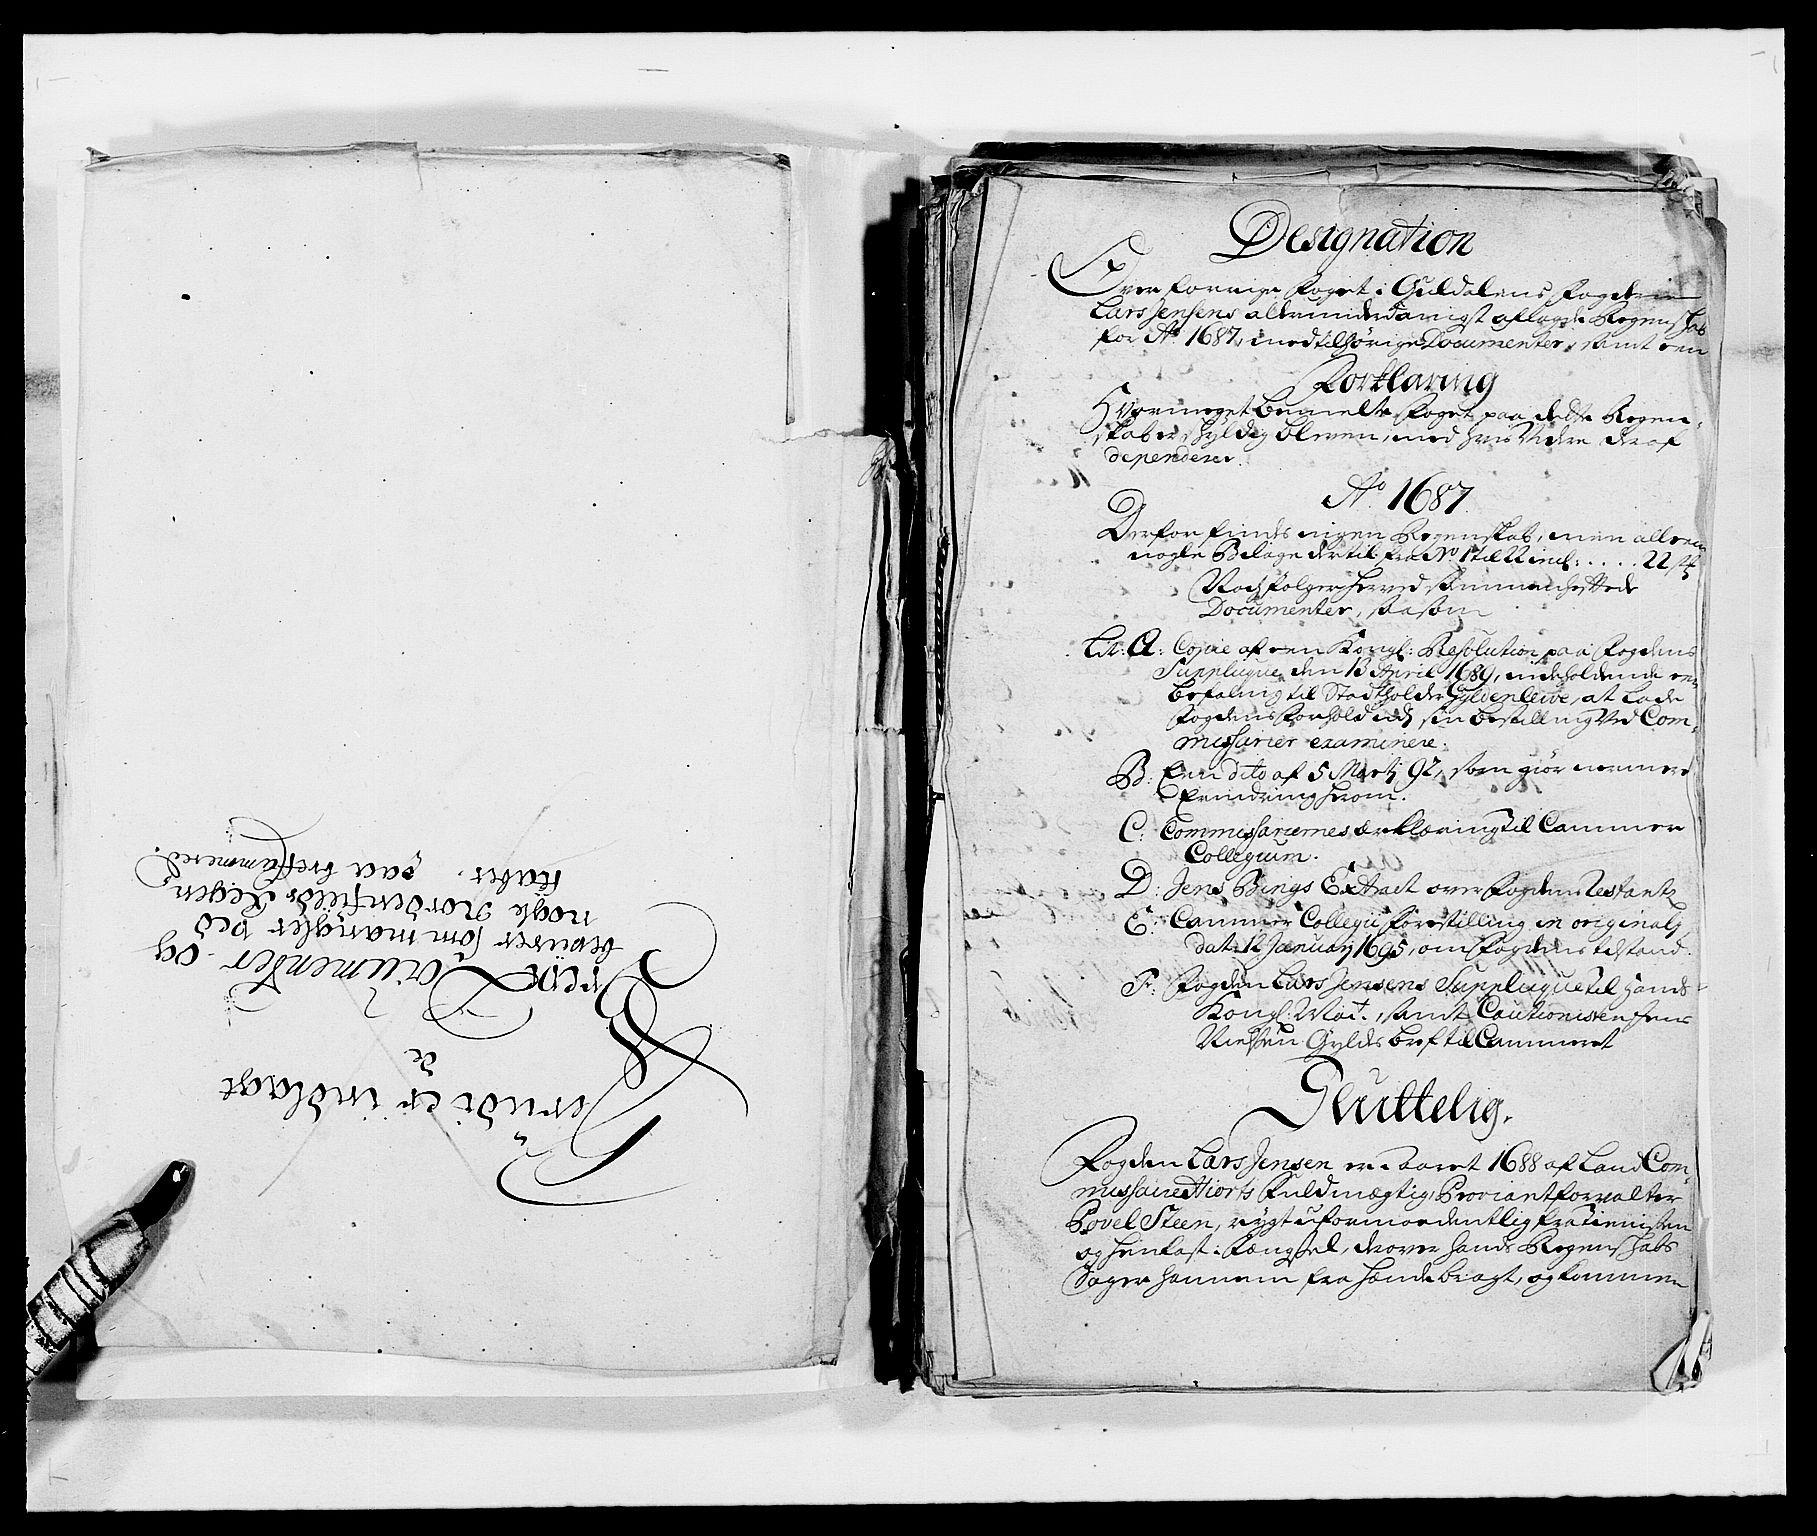 RA, Rentekammeret inntil 1814, Reviderte regnskaper, Fogderegnskap, R59/L3939: Fogderegnskap Gauldal, 1687-1688, s. 3